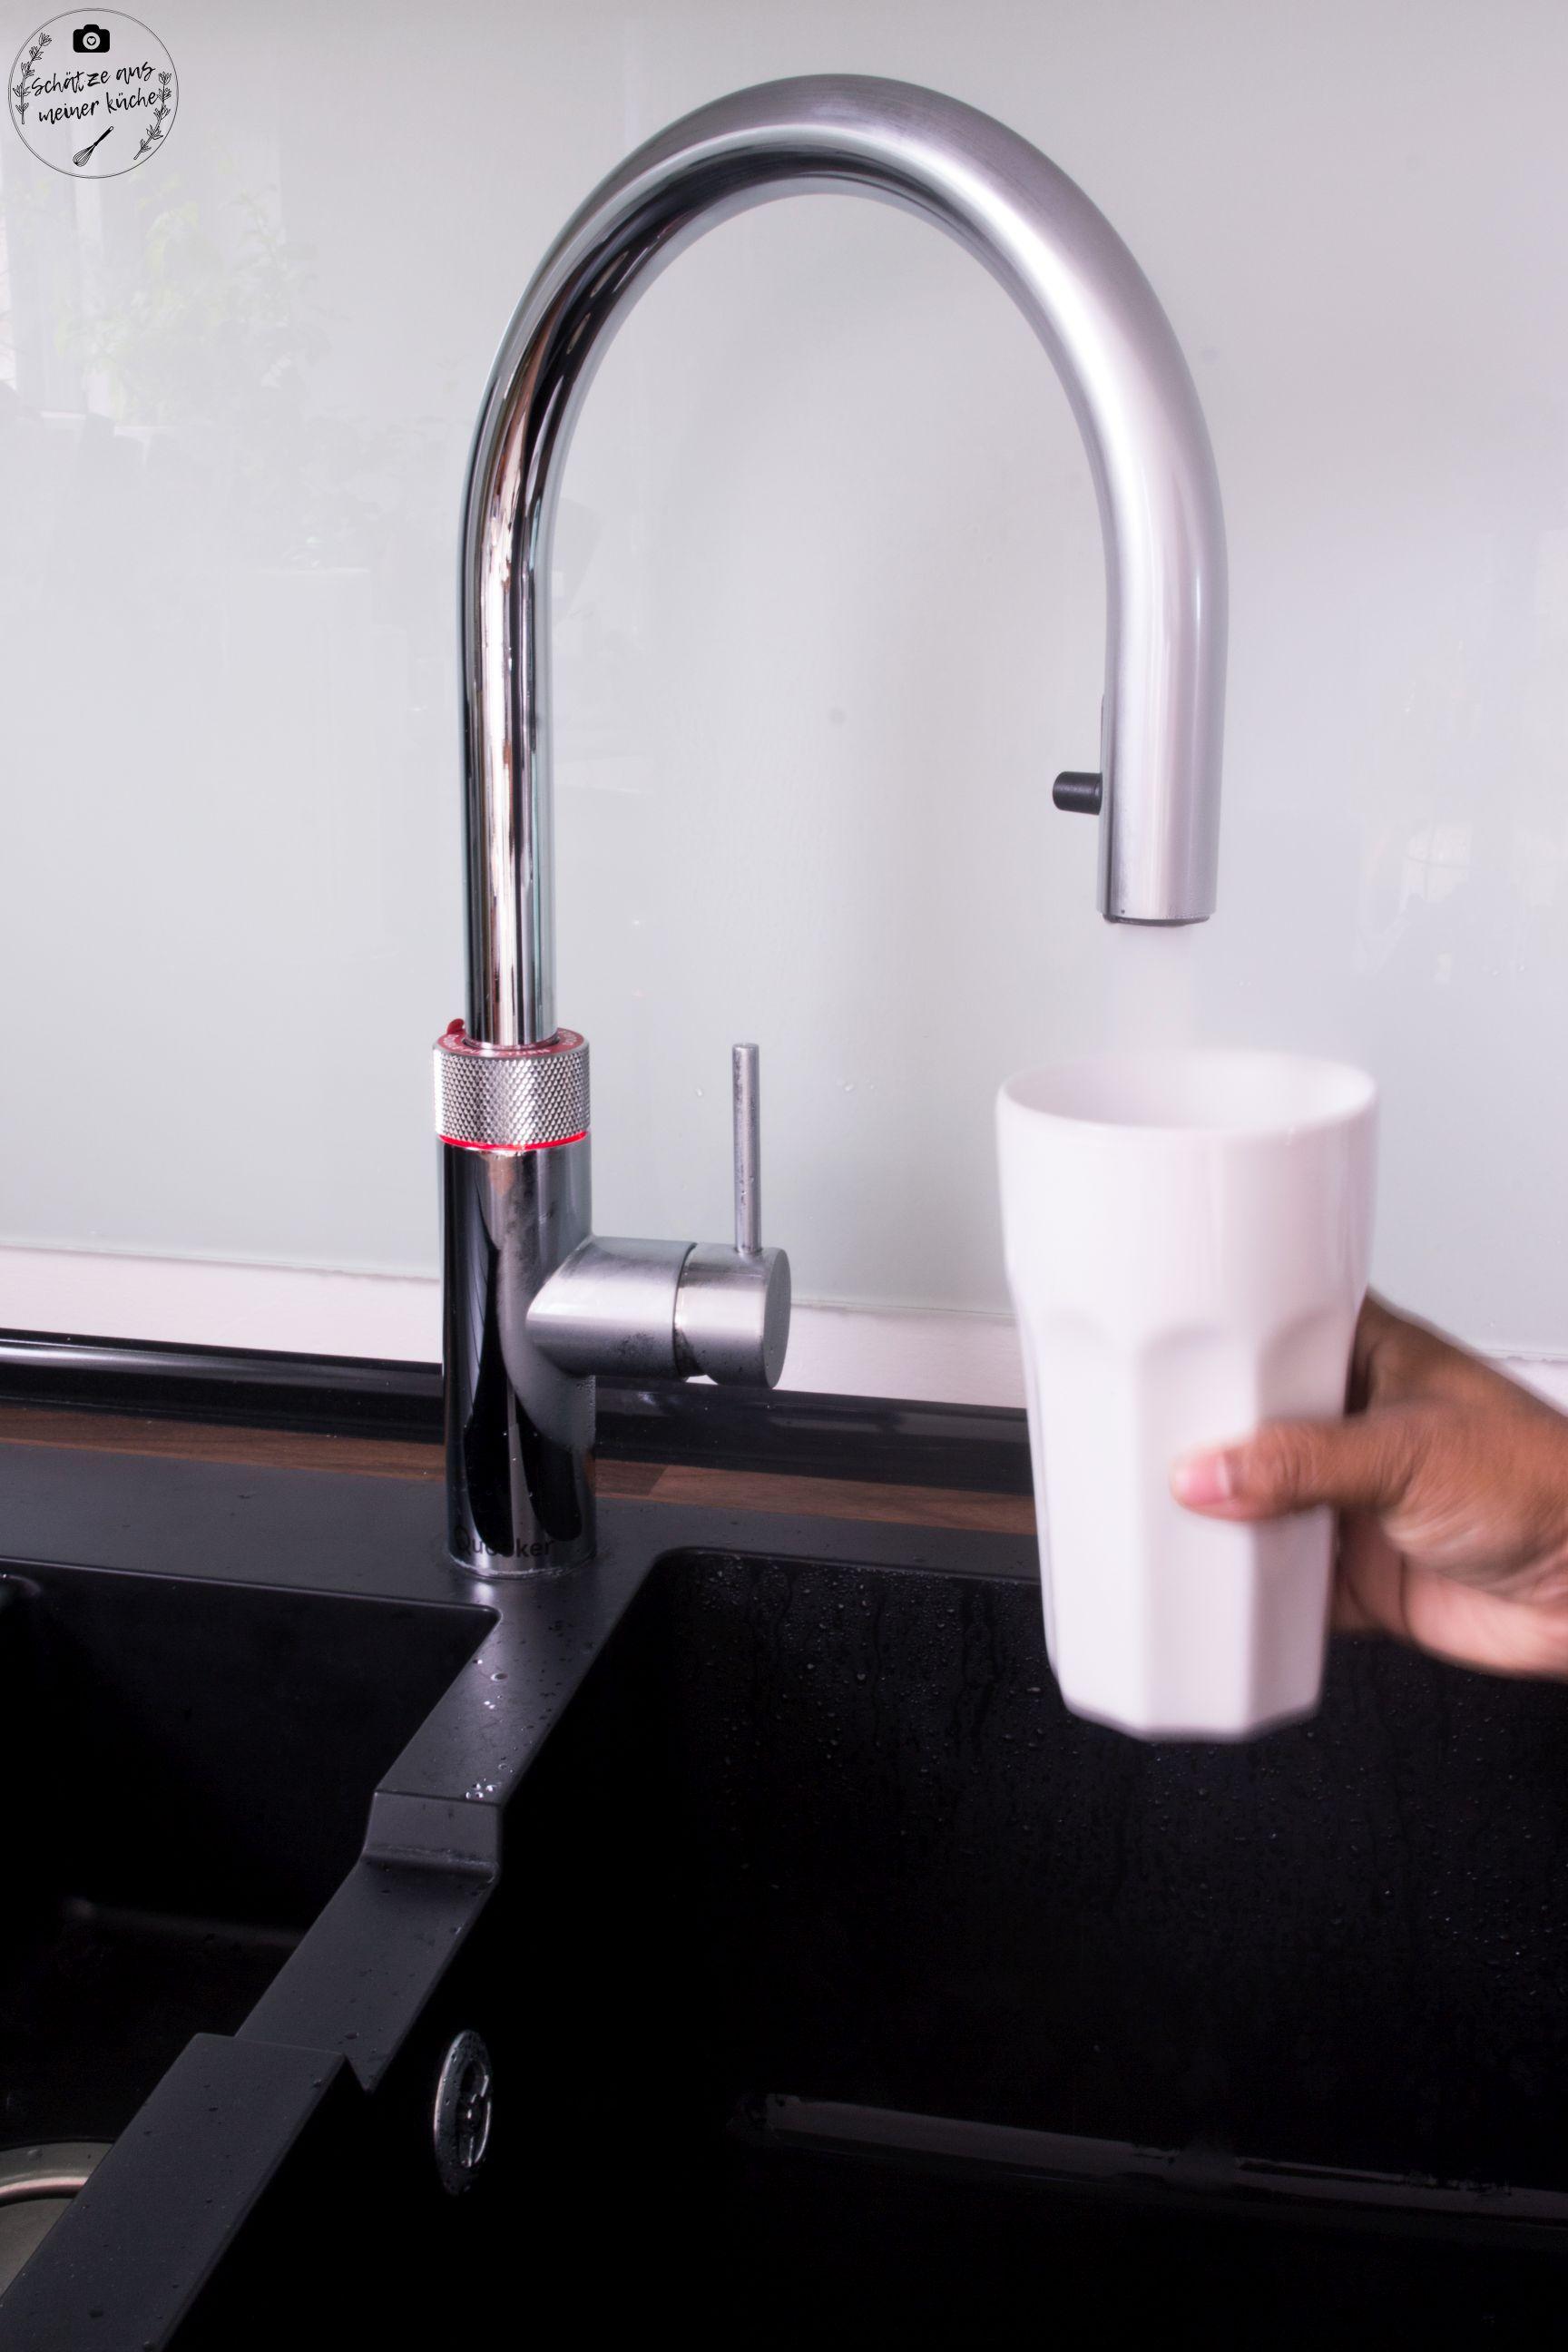 Quooker heiße Tasse Tee auf Knopfdruck kochend heißes Wasser